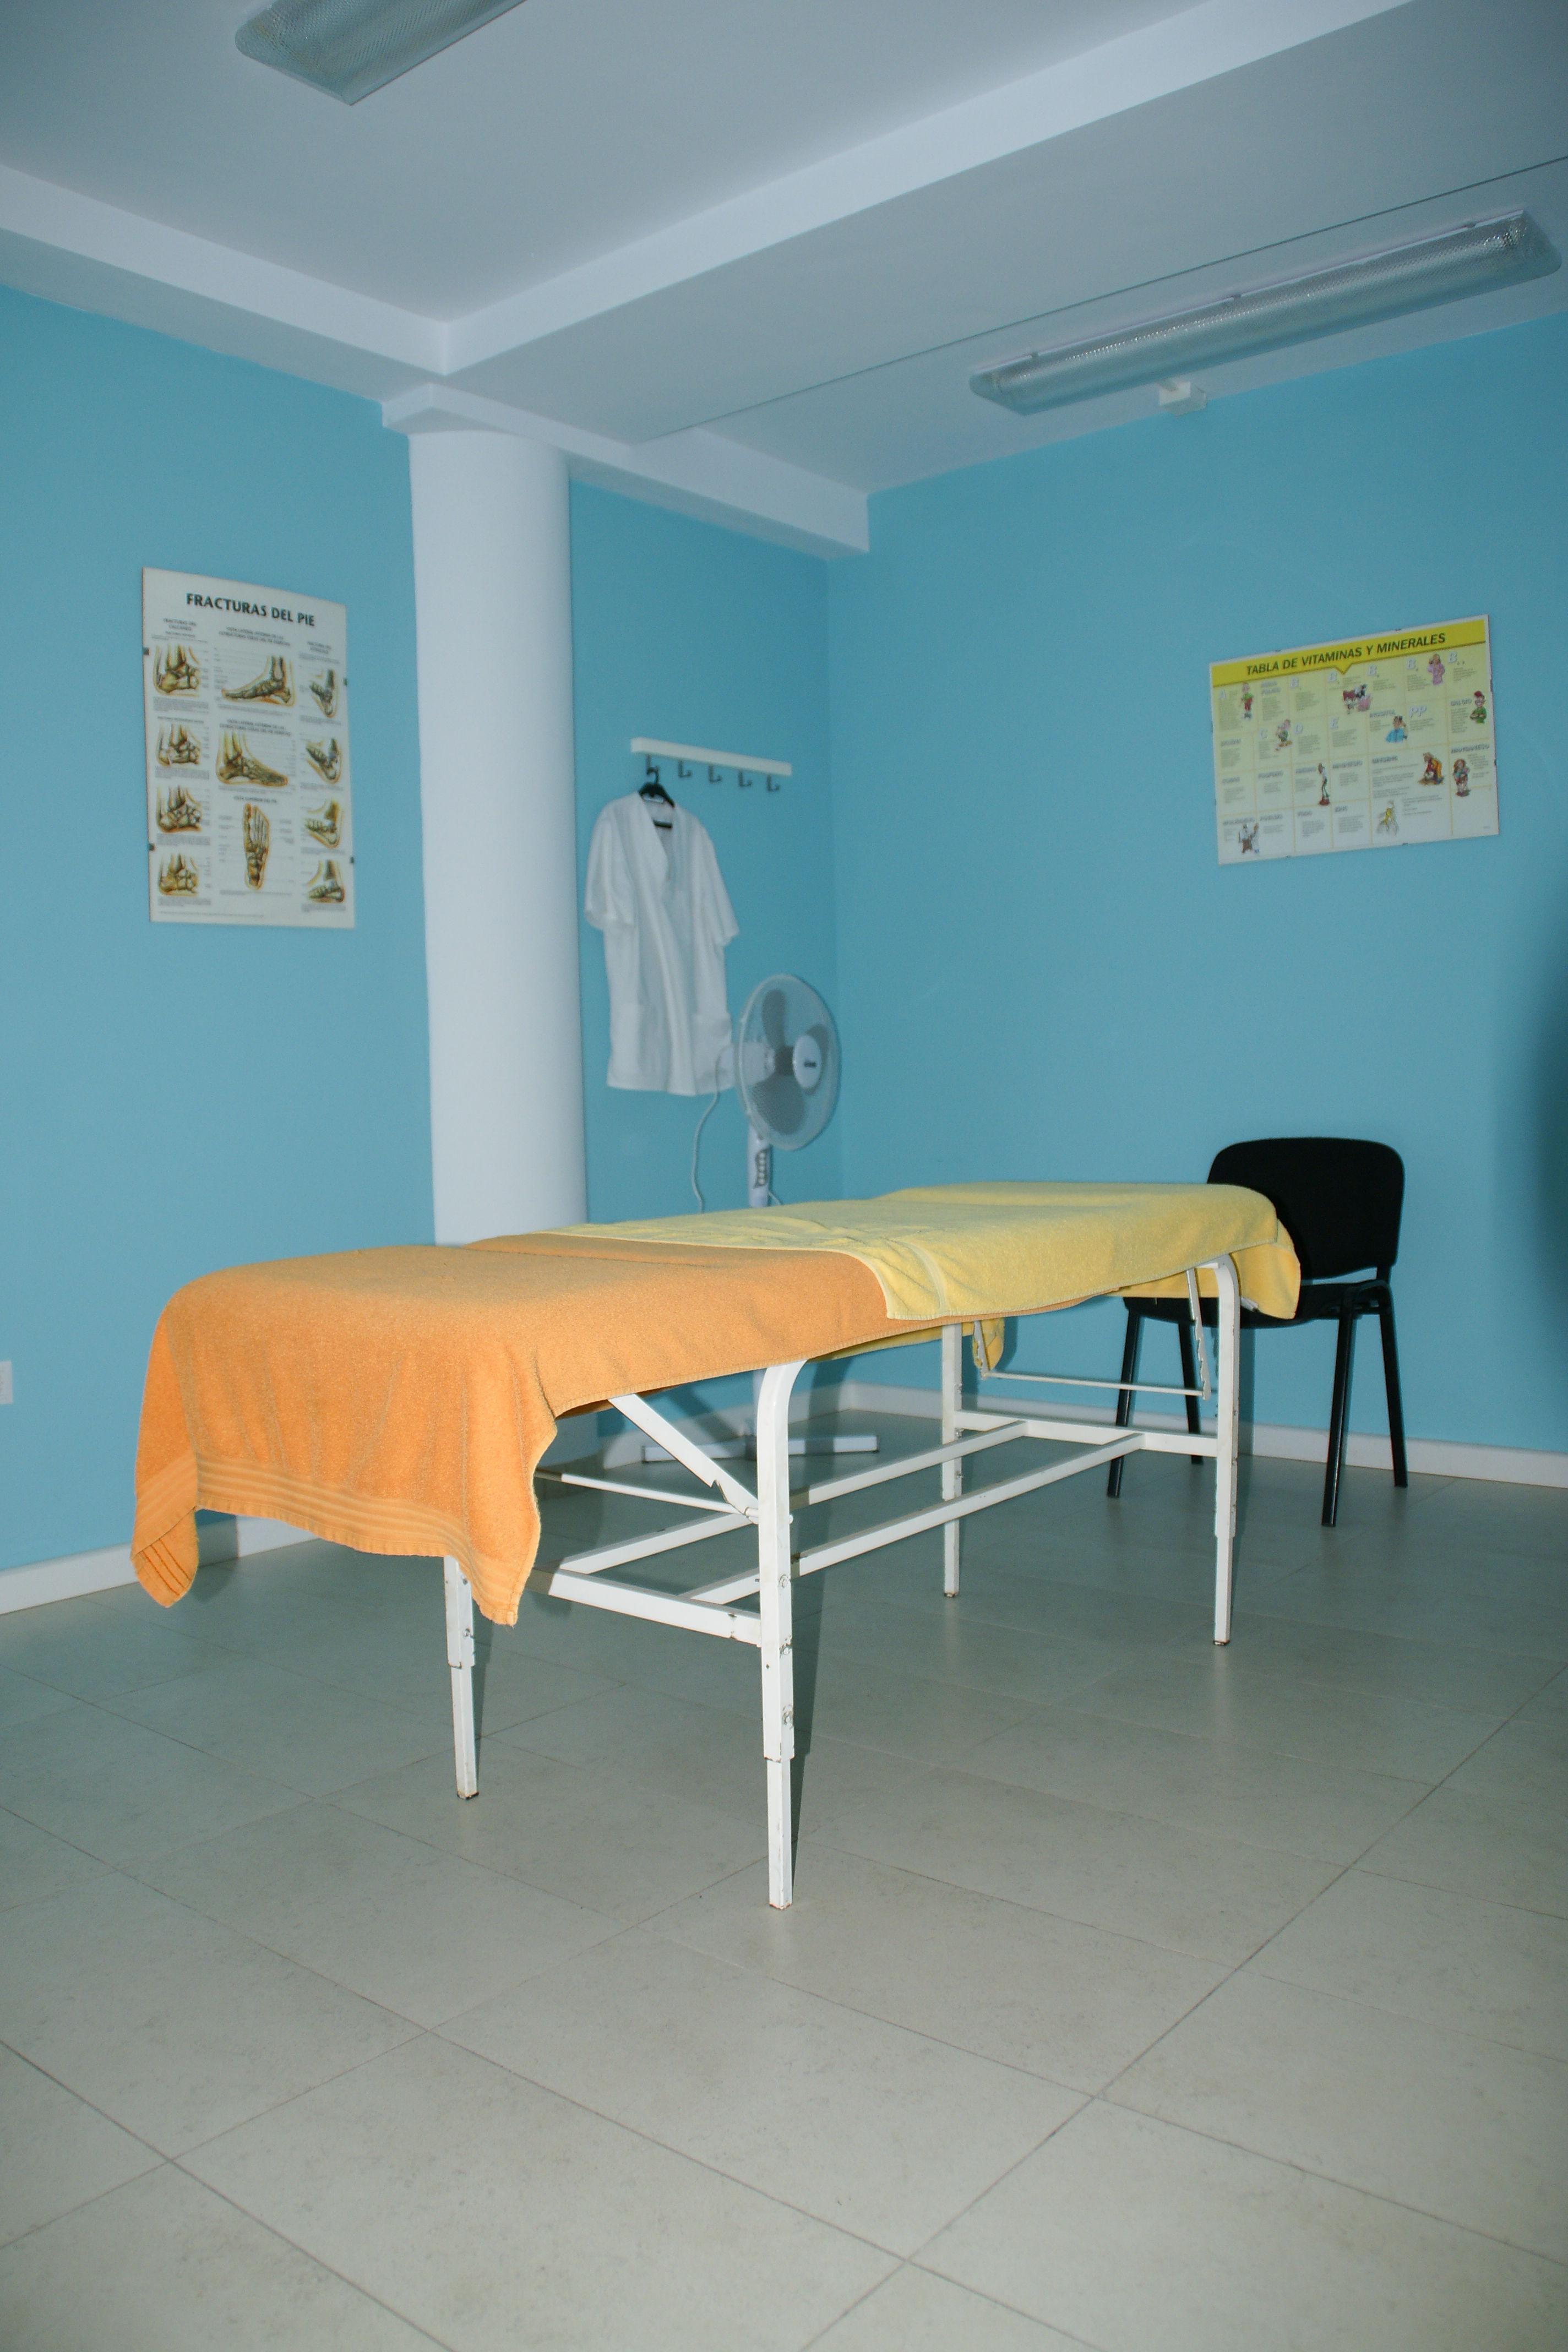 Foto 6 de Osteopatía en Arrecife | CEOST- Centro Parasanitario de Terapias Alternativas